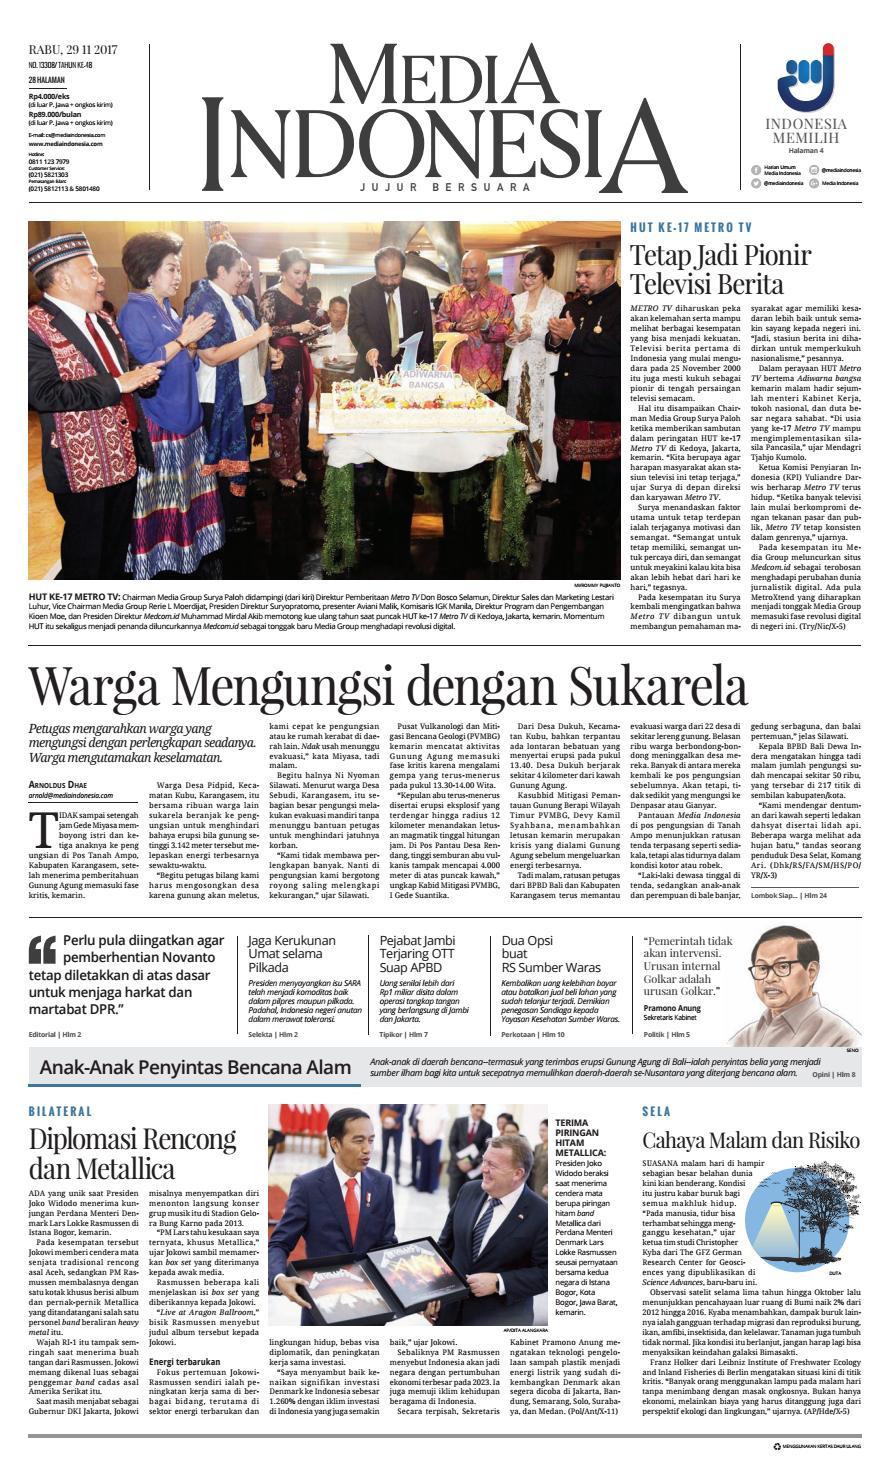 Media Indonesia 29 11 2017 29112017145838 By Oppah Issuu Instruksikan pasien tentang peningkatan masukan makanan atau cairan tinggi kalium. media indonesia 29 11 2017